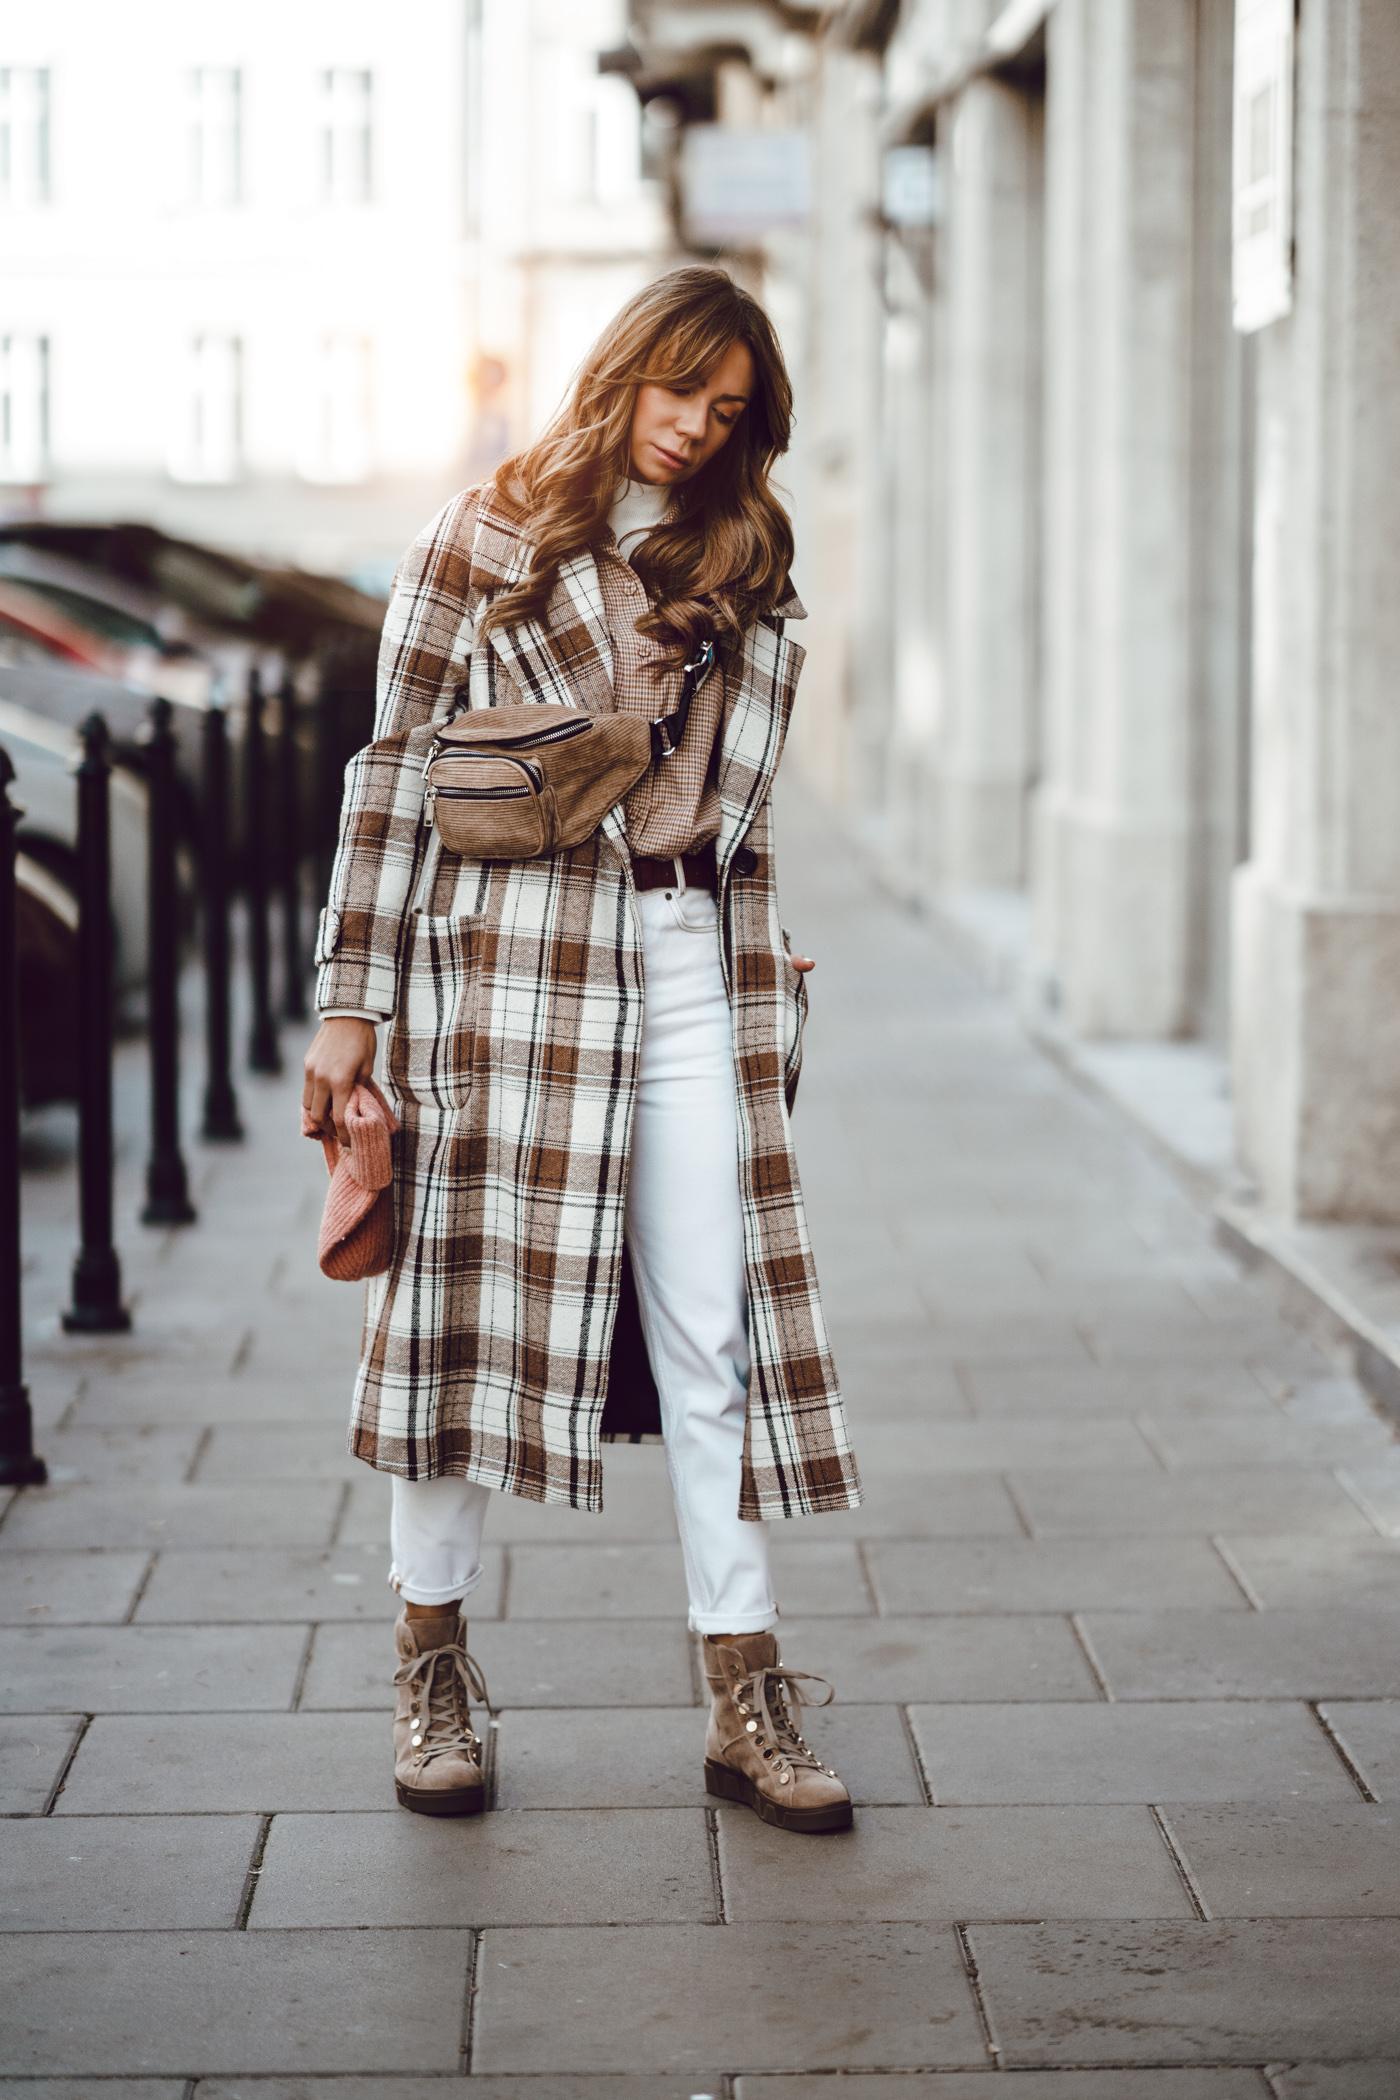 Płaszcz w kratę Mango, buty Renee, botki beżowe renee, najlepsze jesienne stylizacje,